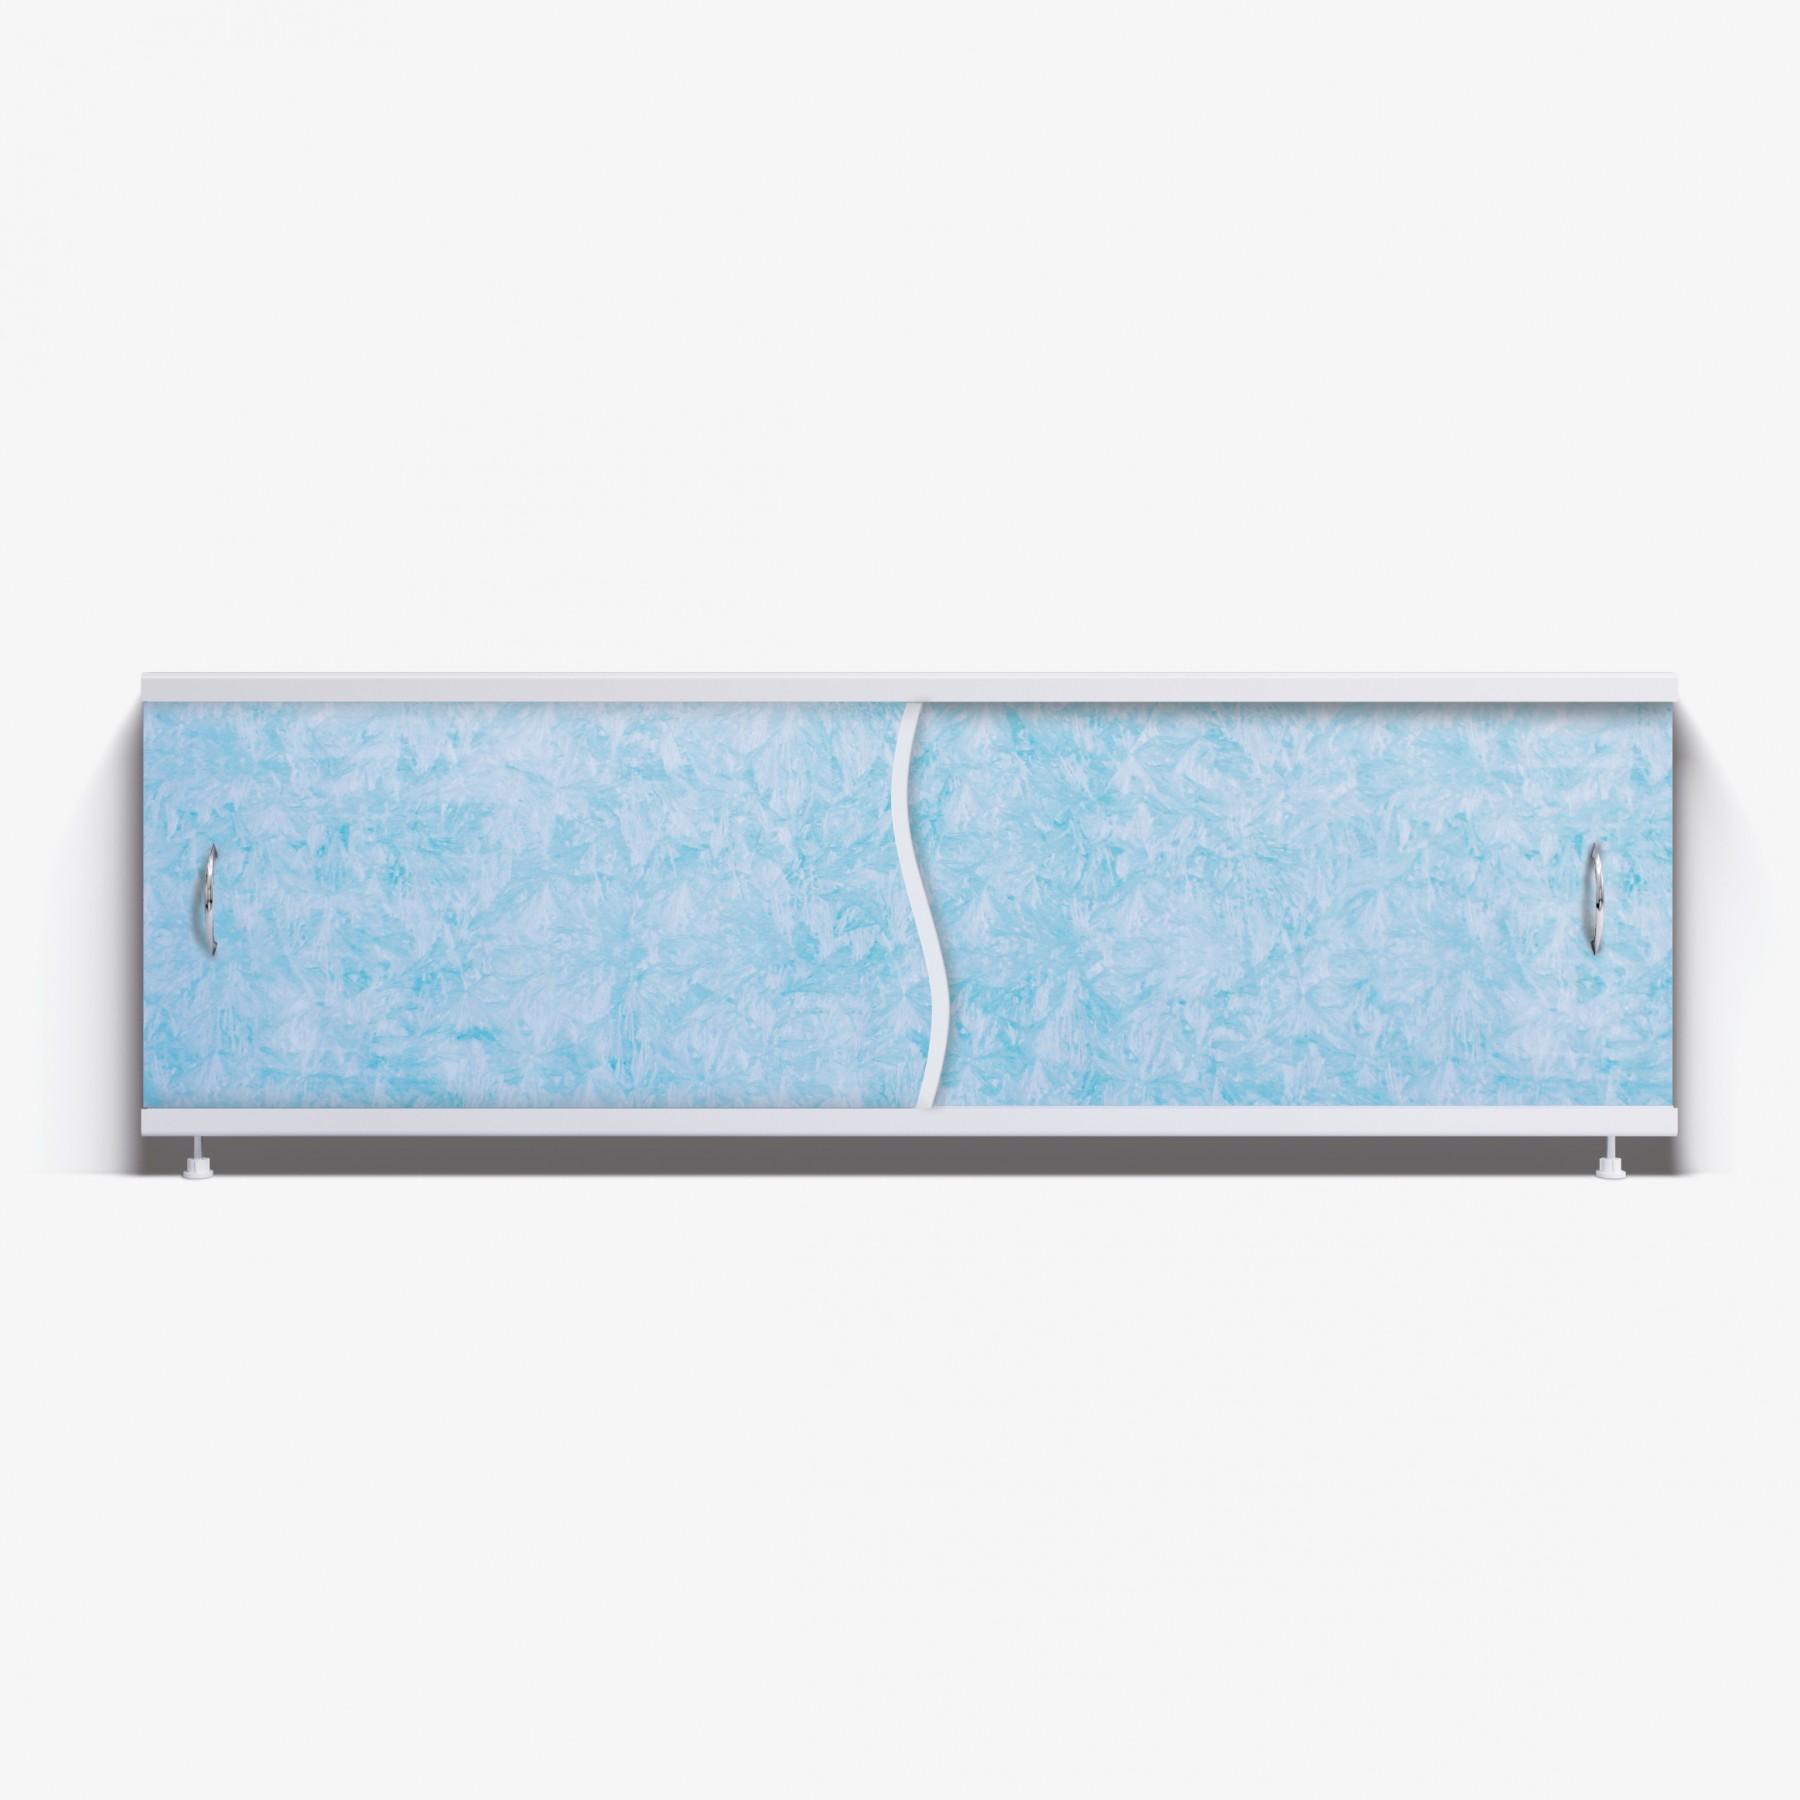 Экран под ванну Премьер 170 голубой мороз